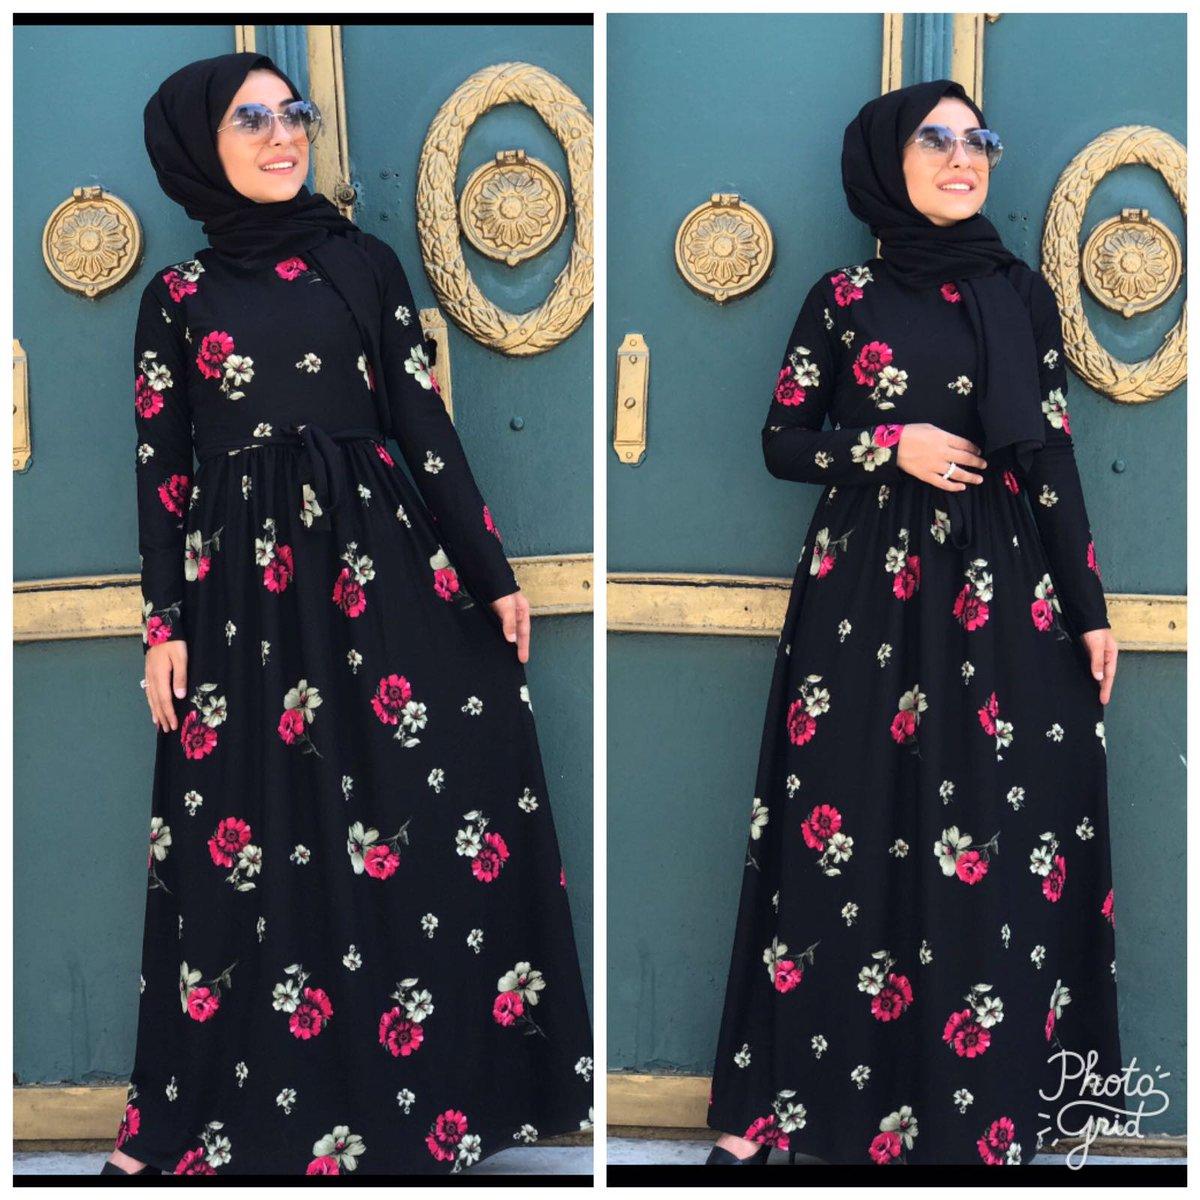 49ee02a78 ملابس تركية جملة 👚 (@XiWHDSco3gpFbGA) | Twitter